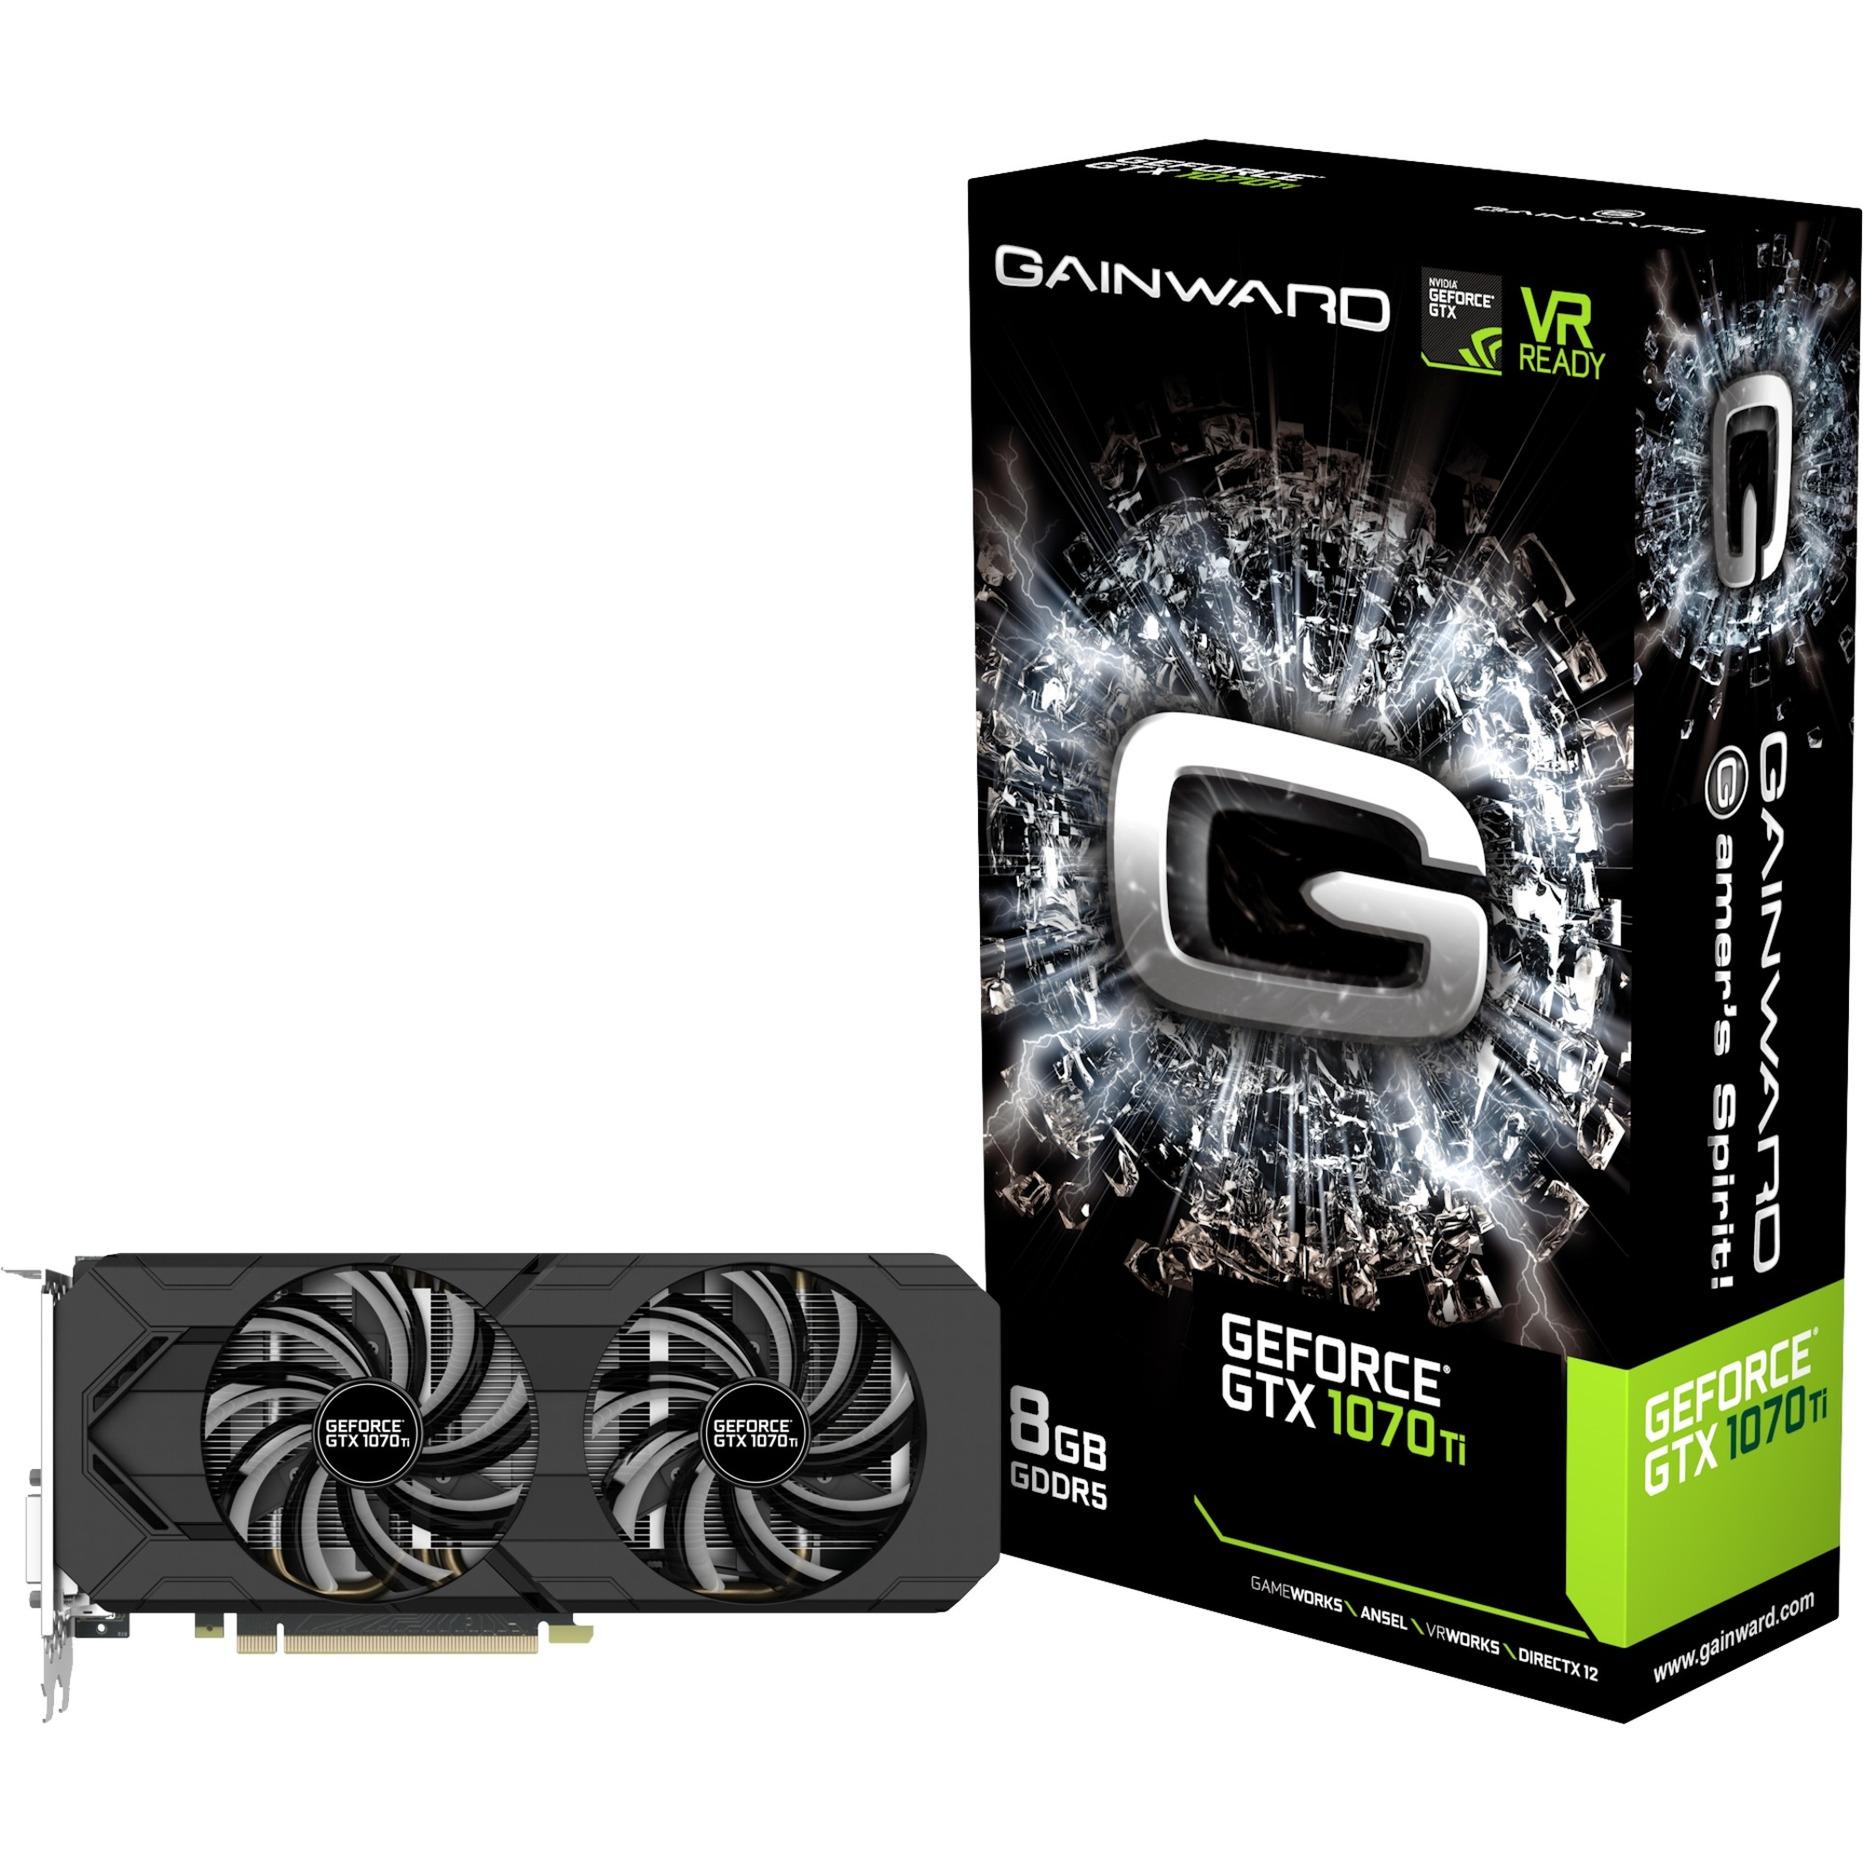 GTX 1070 Ti GeForce GTX 1070 Ti 8 GB GDDR5, Tarjeta gráfica